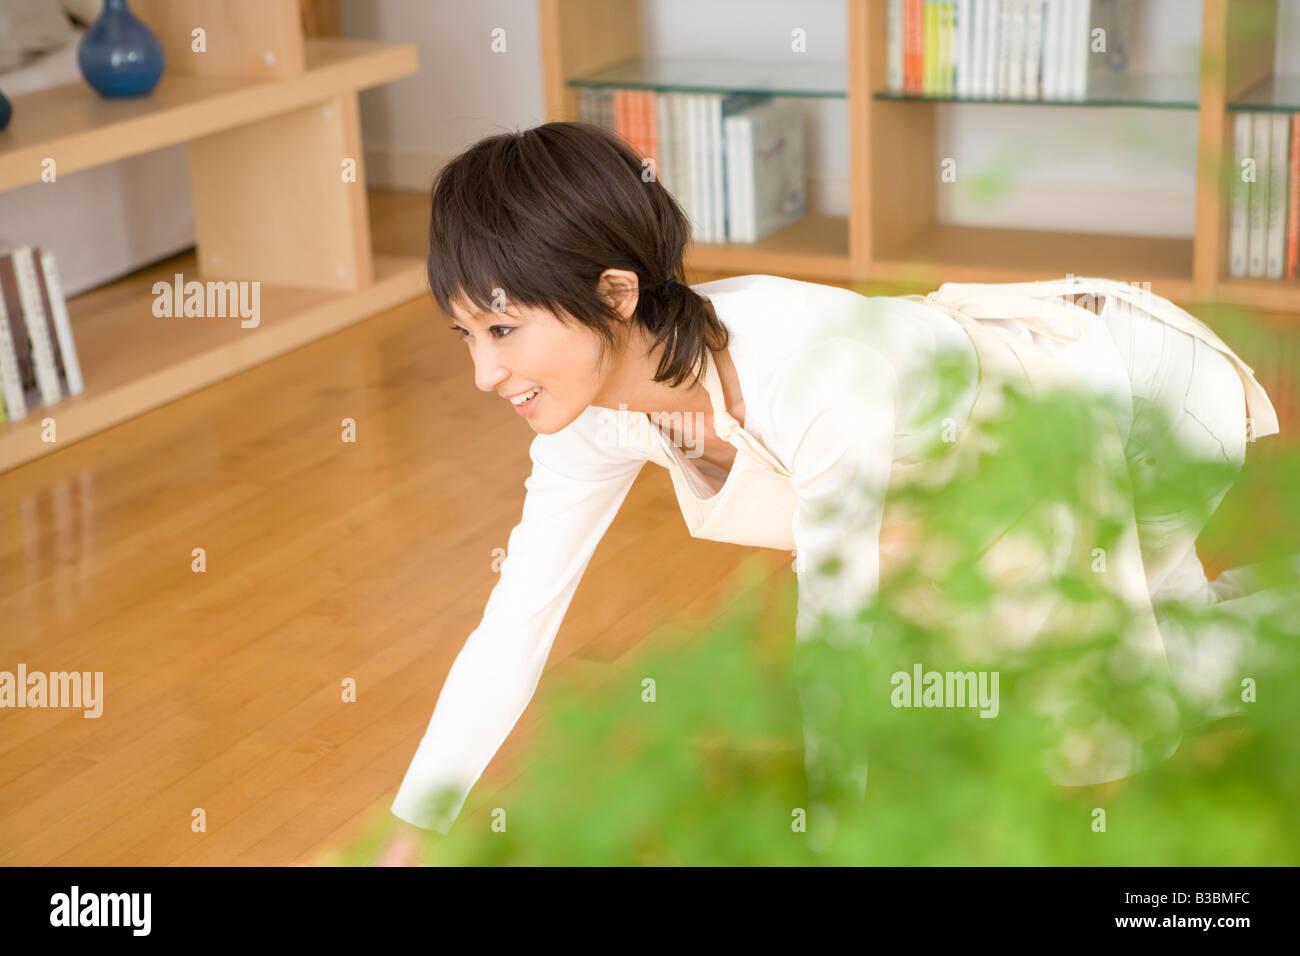 Housewife wiping floor - Stock Image